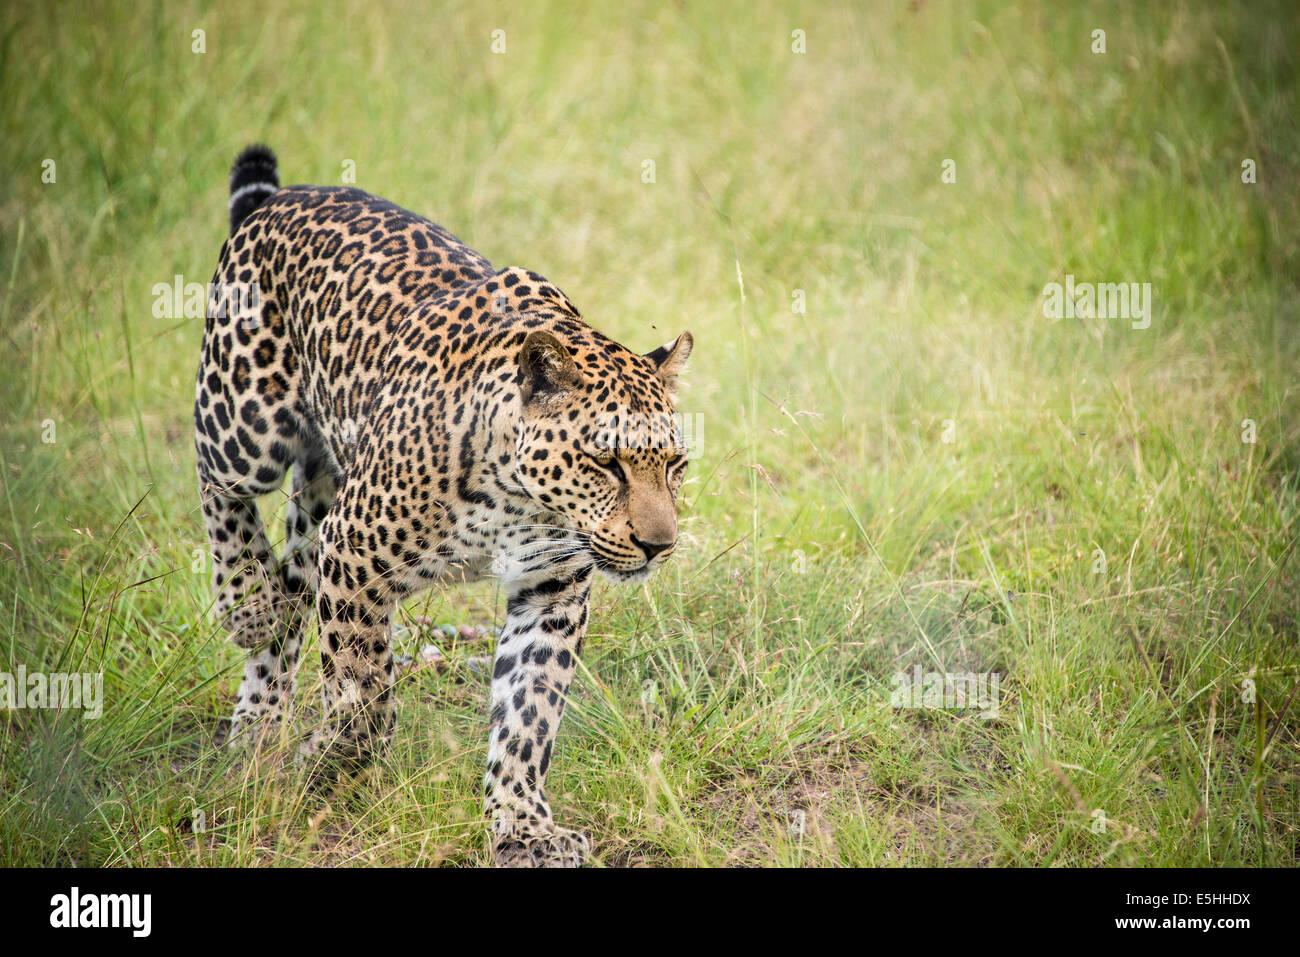 Cheetah (Acinonyx jubatus), Nambiti Reserve, Kwa-Zulu Natal, South Africa - Stock Image